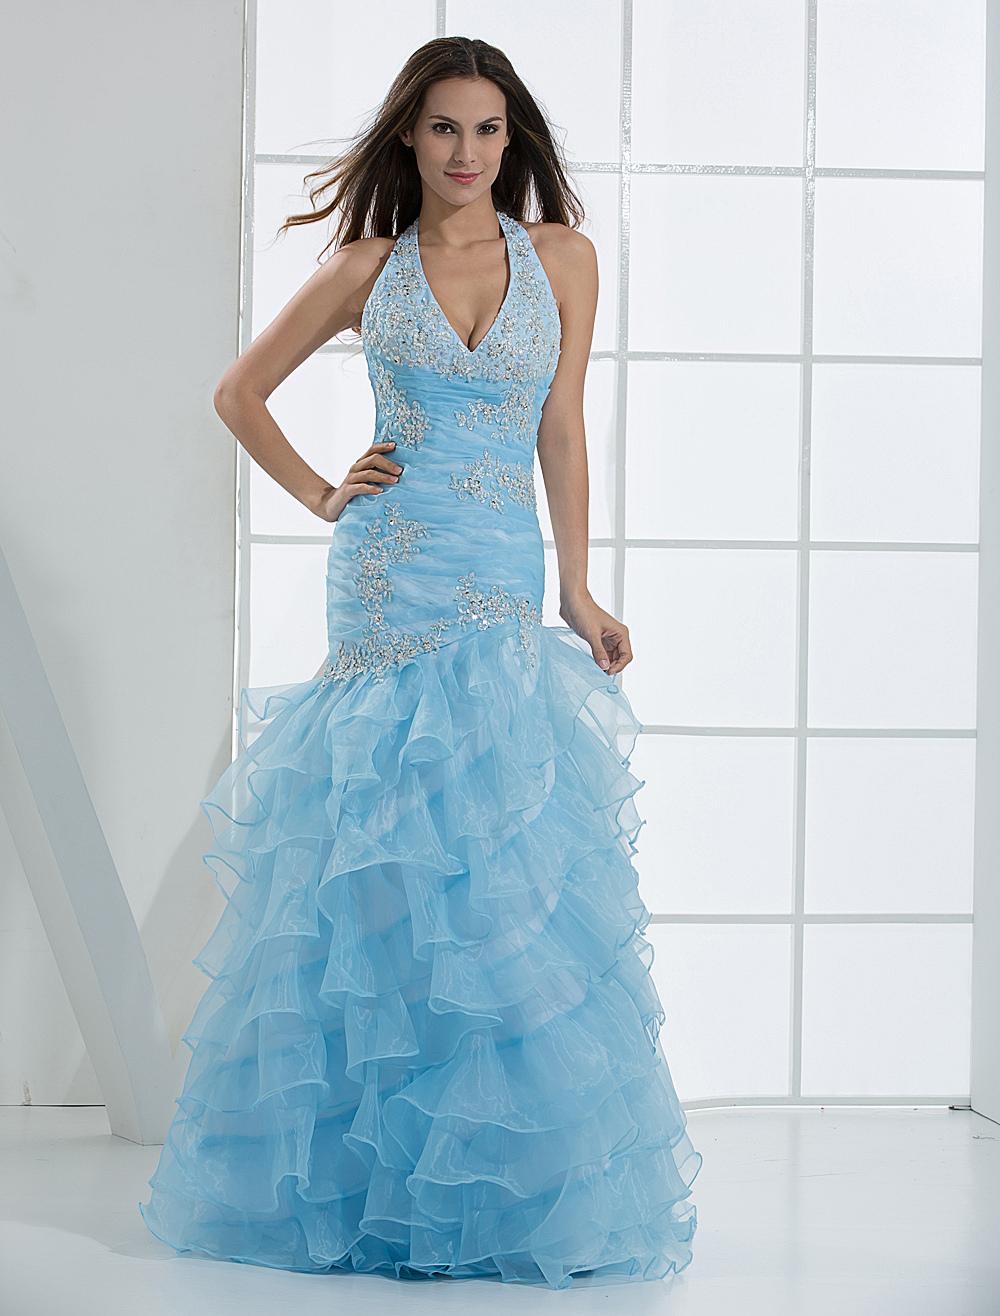 Prom-Kleid aus Tüll in Hellblau - Milanoo.com